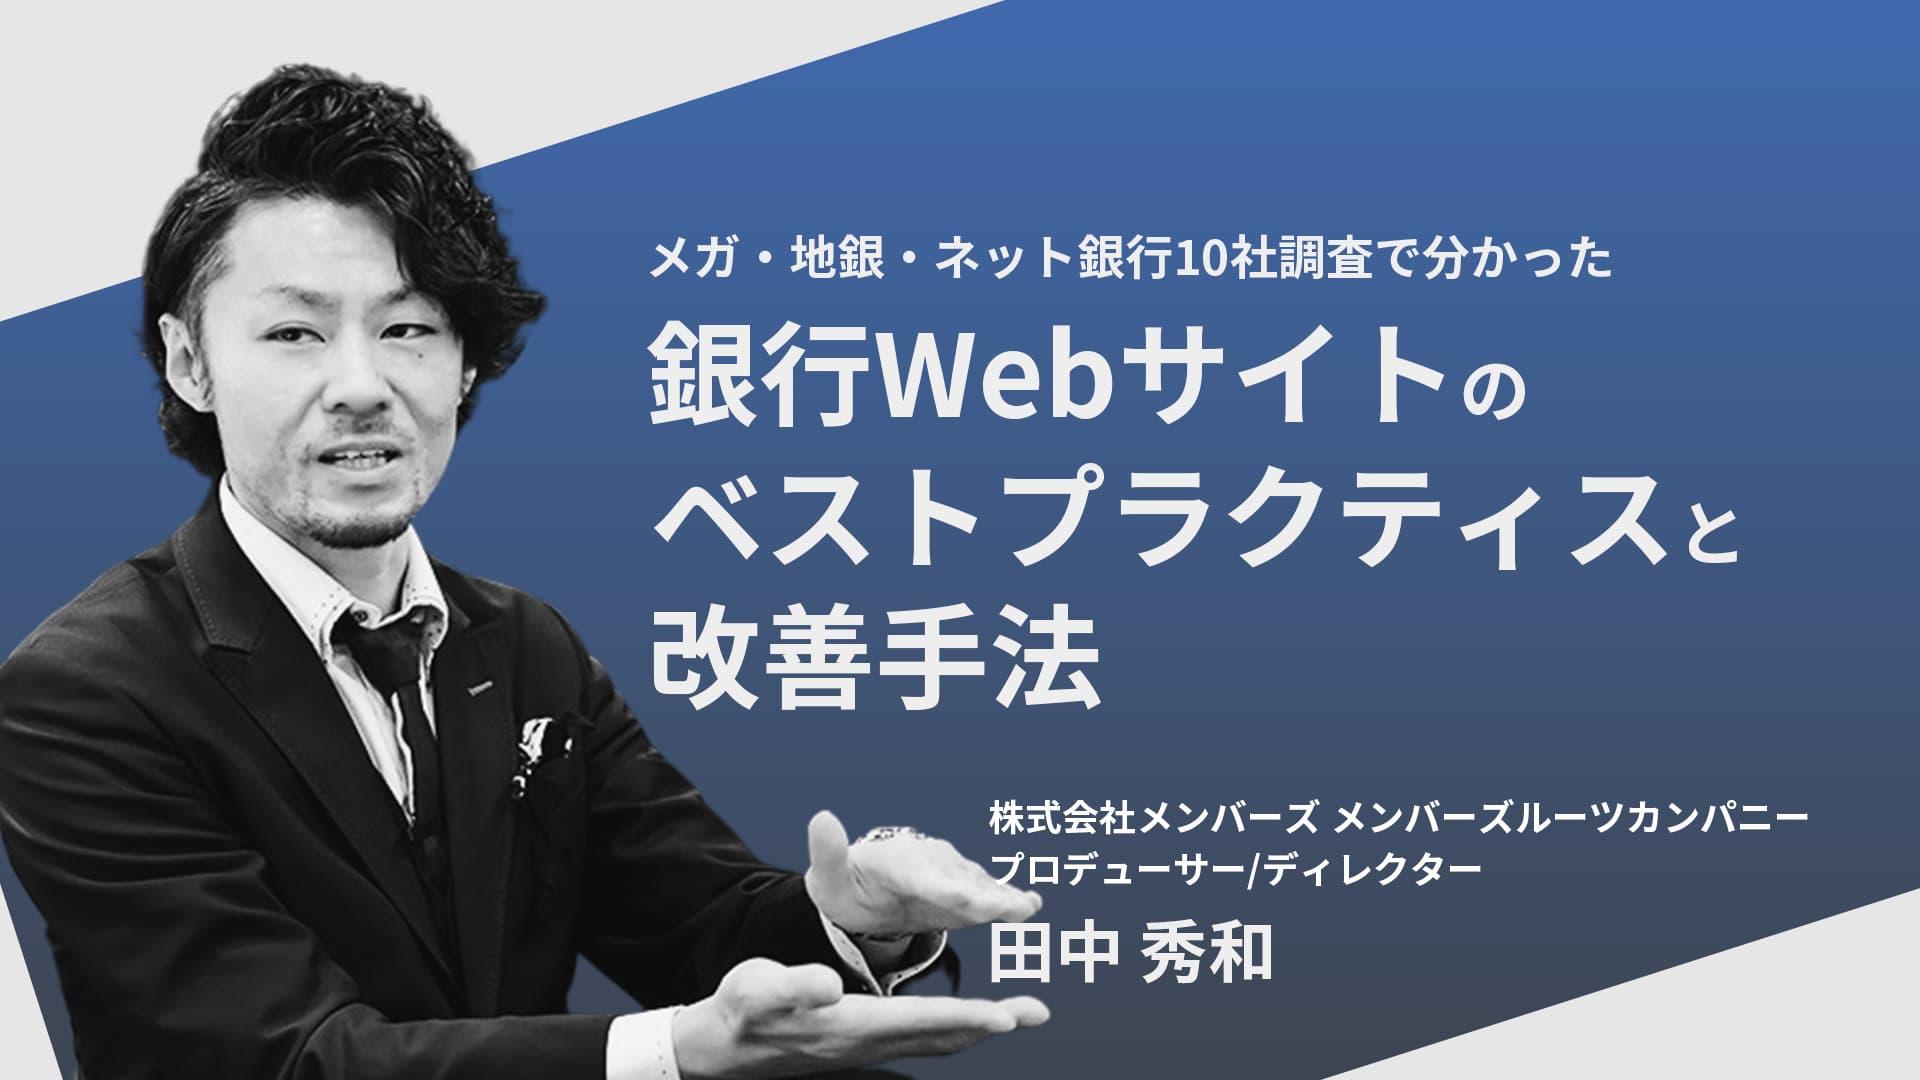 メガ・地銀・ネット銀行10社調査で分かった銀行Webサイトのベストプラクティスと改善手法